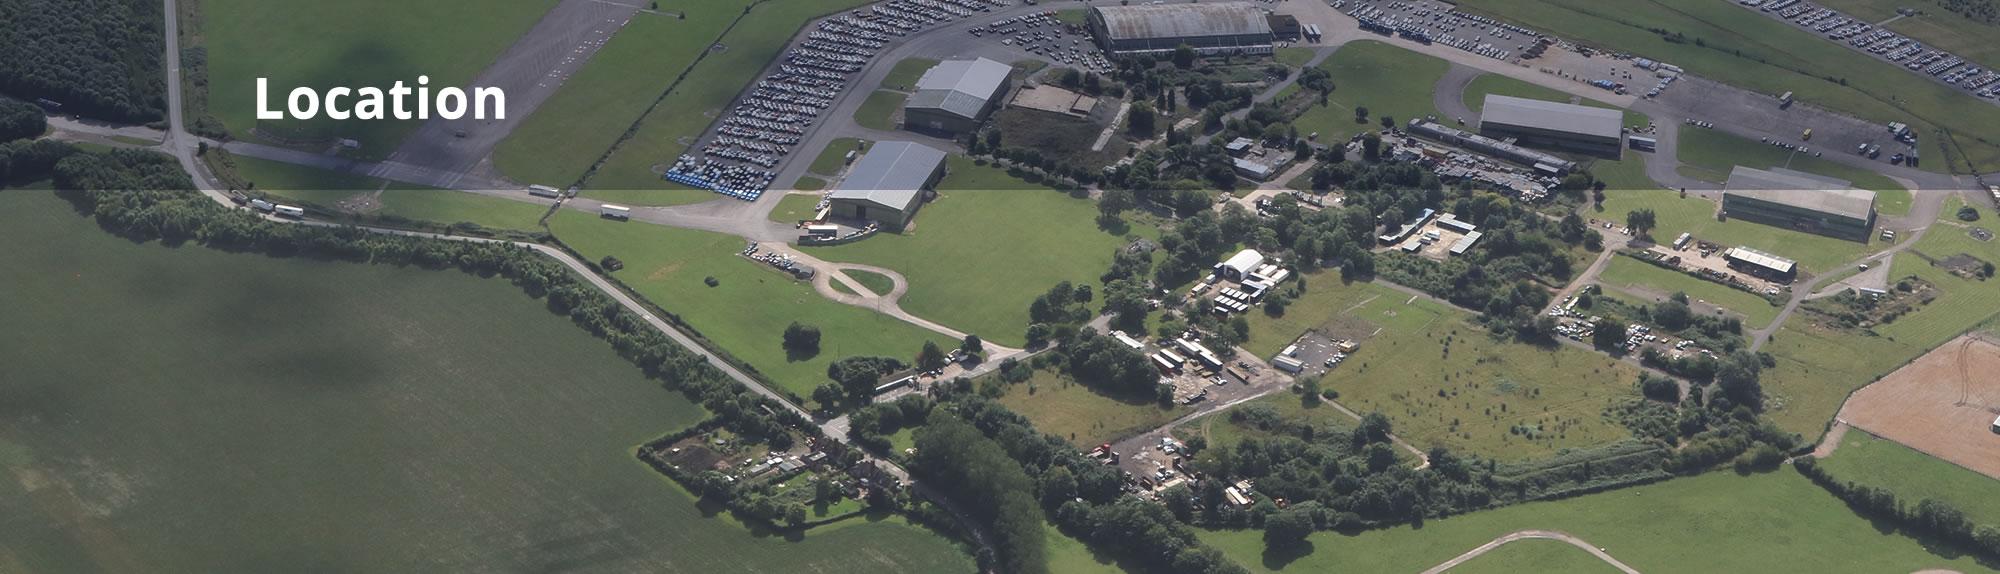 Throckmorton Industrial Park - Throckmorton Airfield, Pershore WR10 2JH